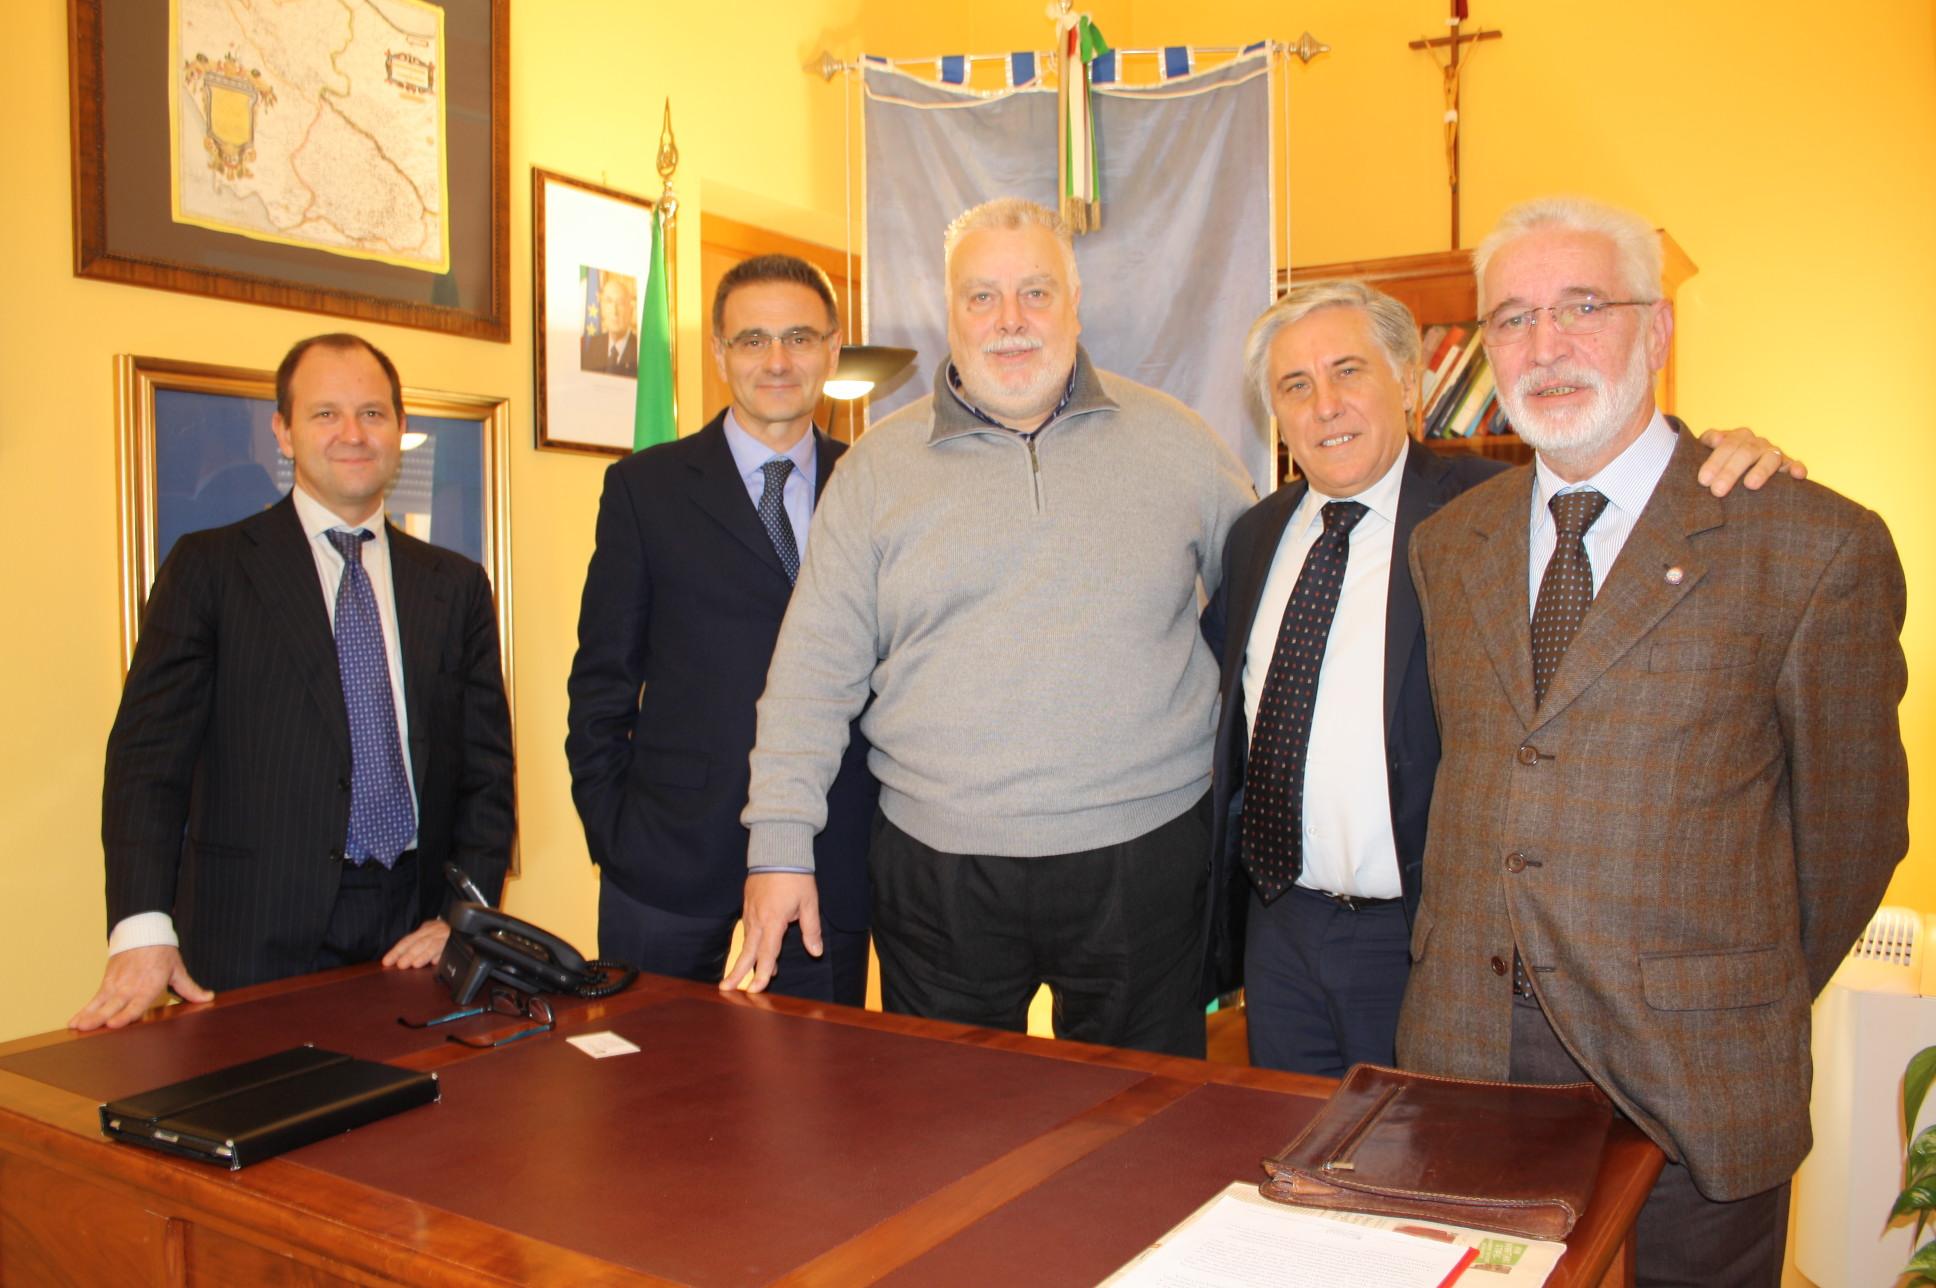 Incontro fra Ricci e il presidente di Unitalsi per individuare le sinergie per incrementare il flusso turistico